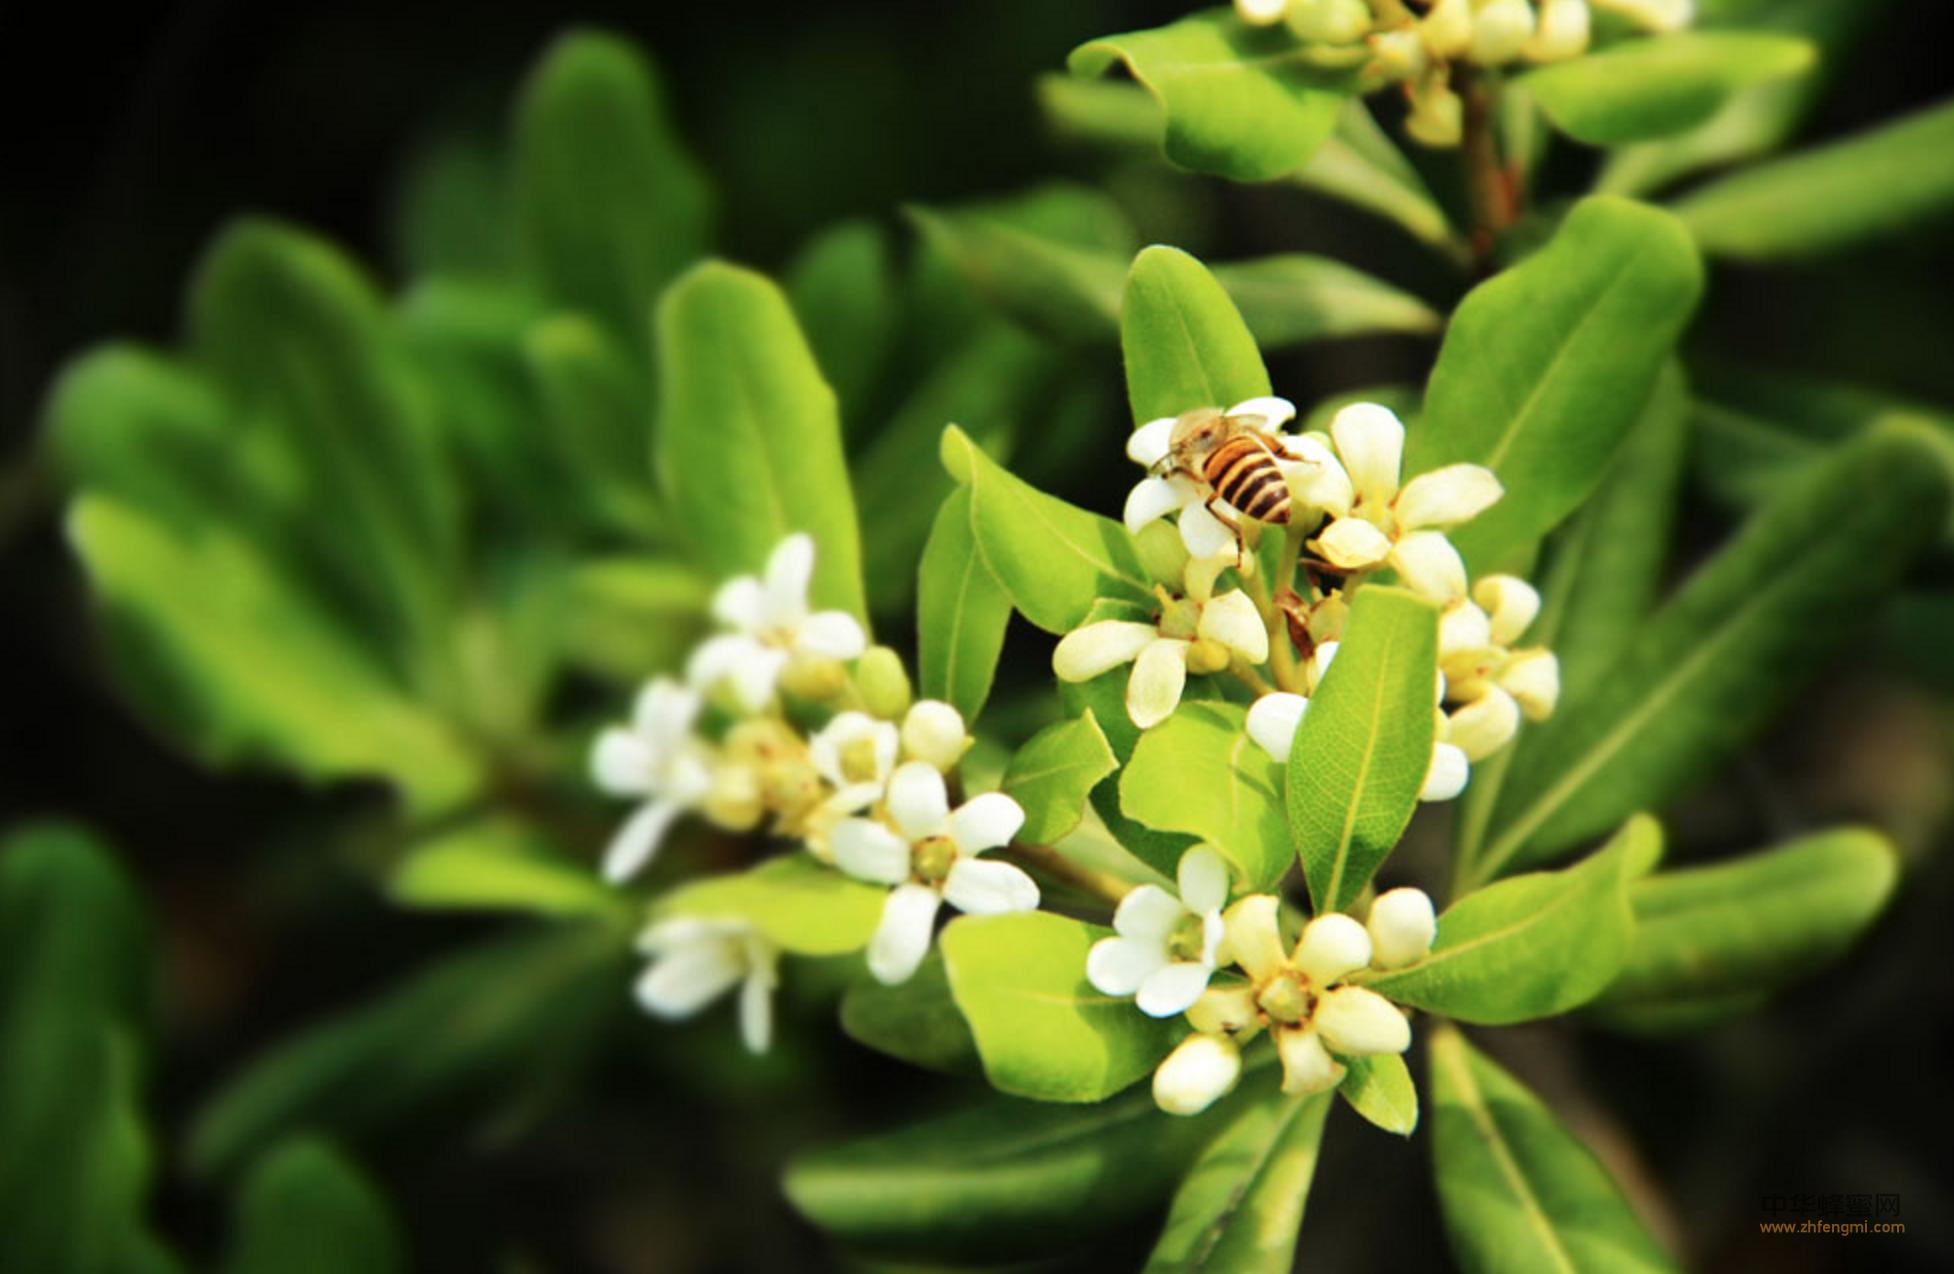 法新社 授粉 蜜蜂 作物